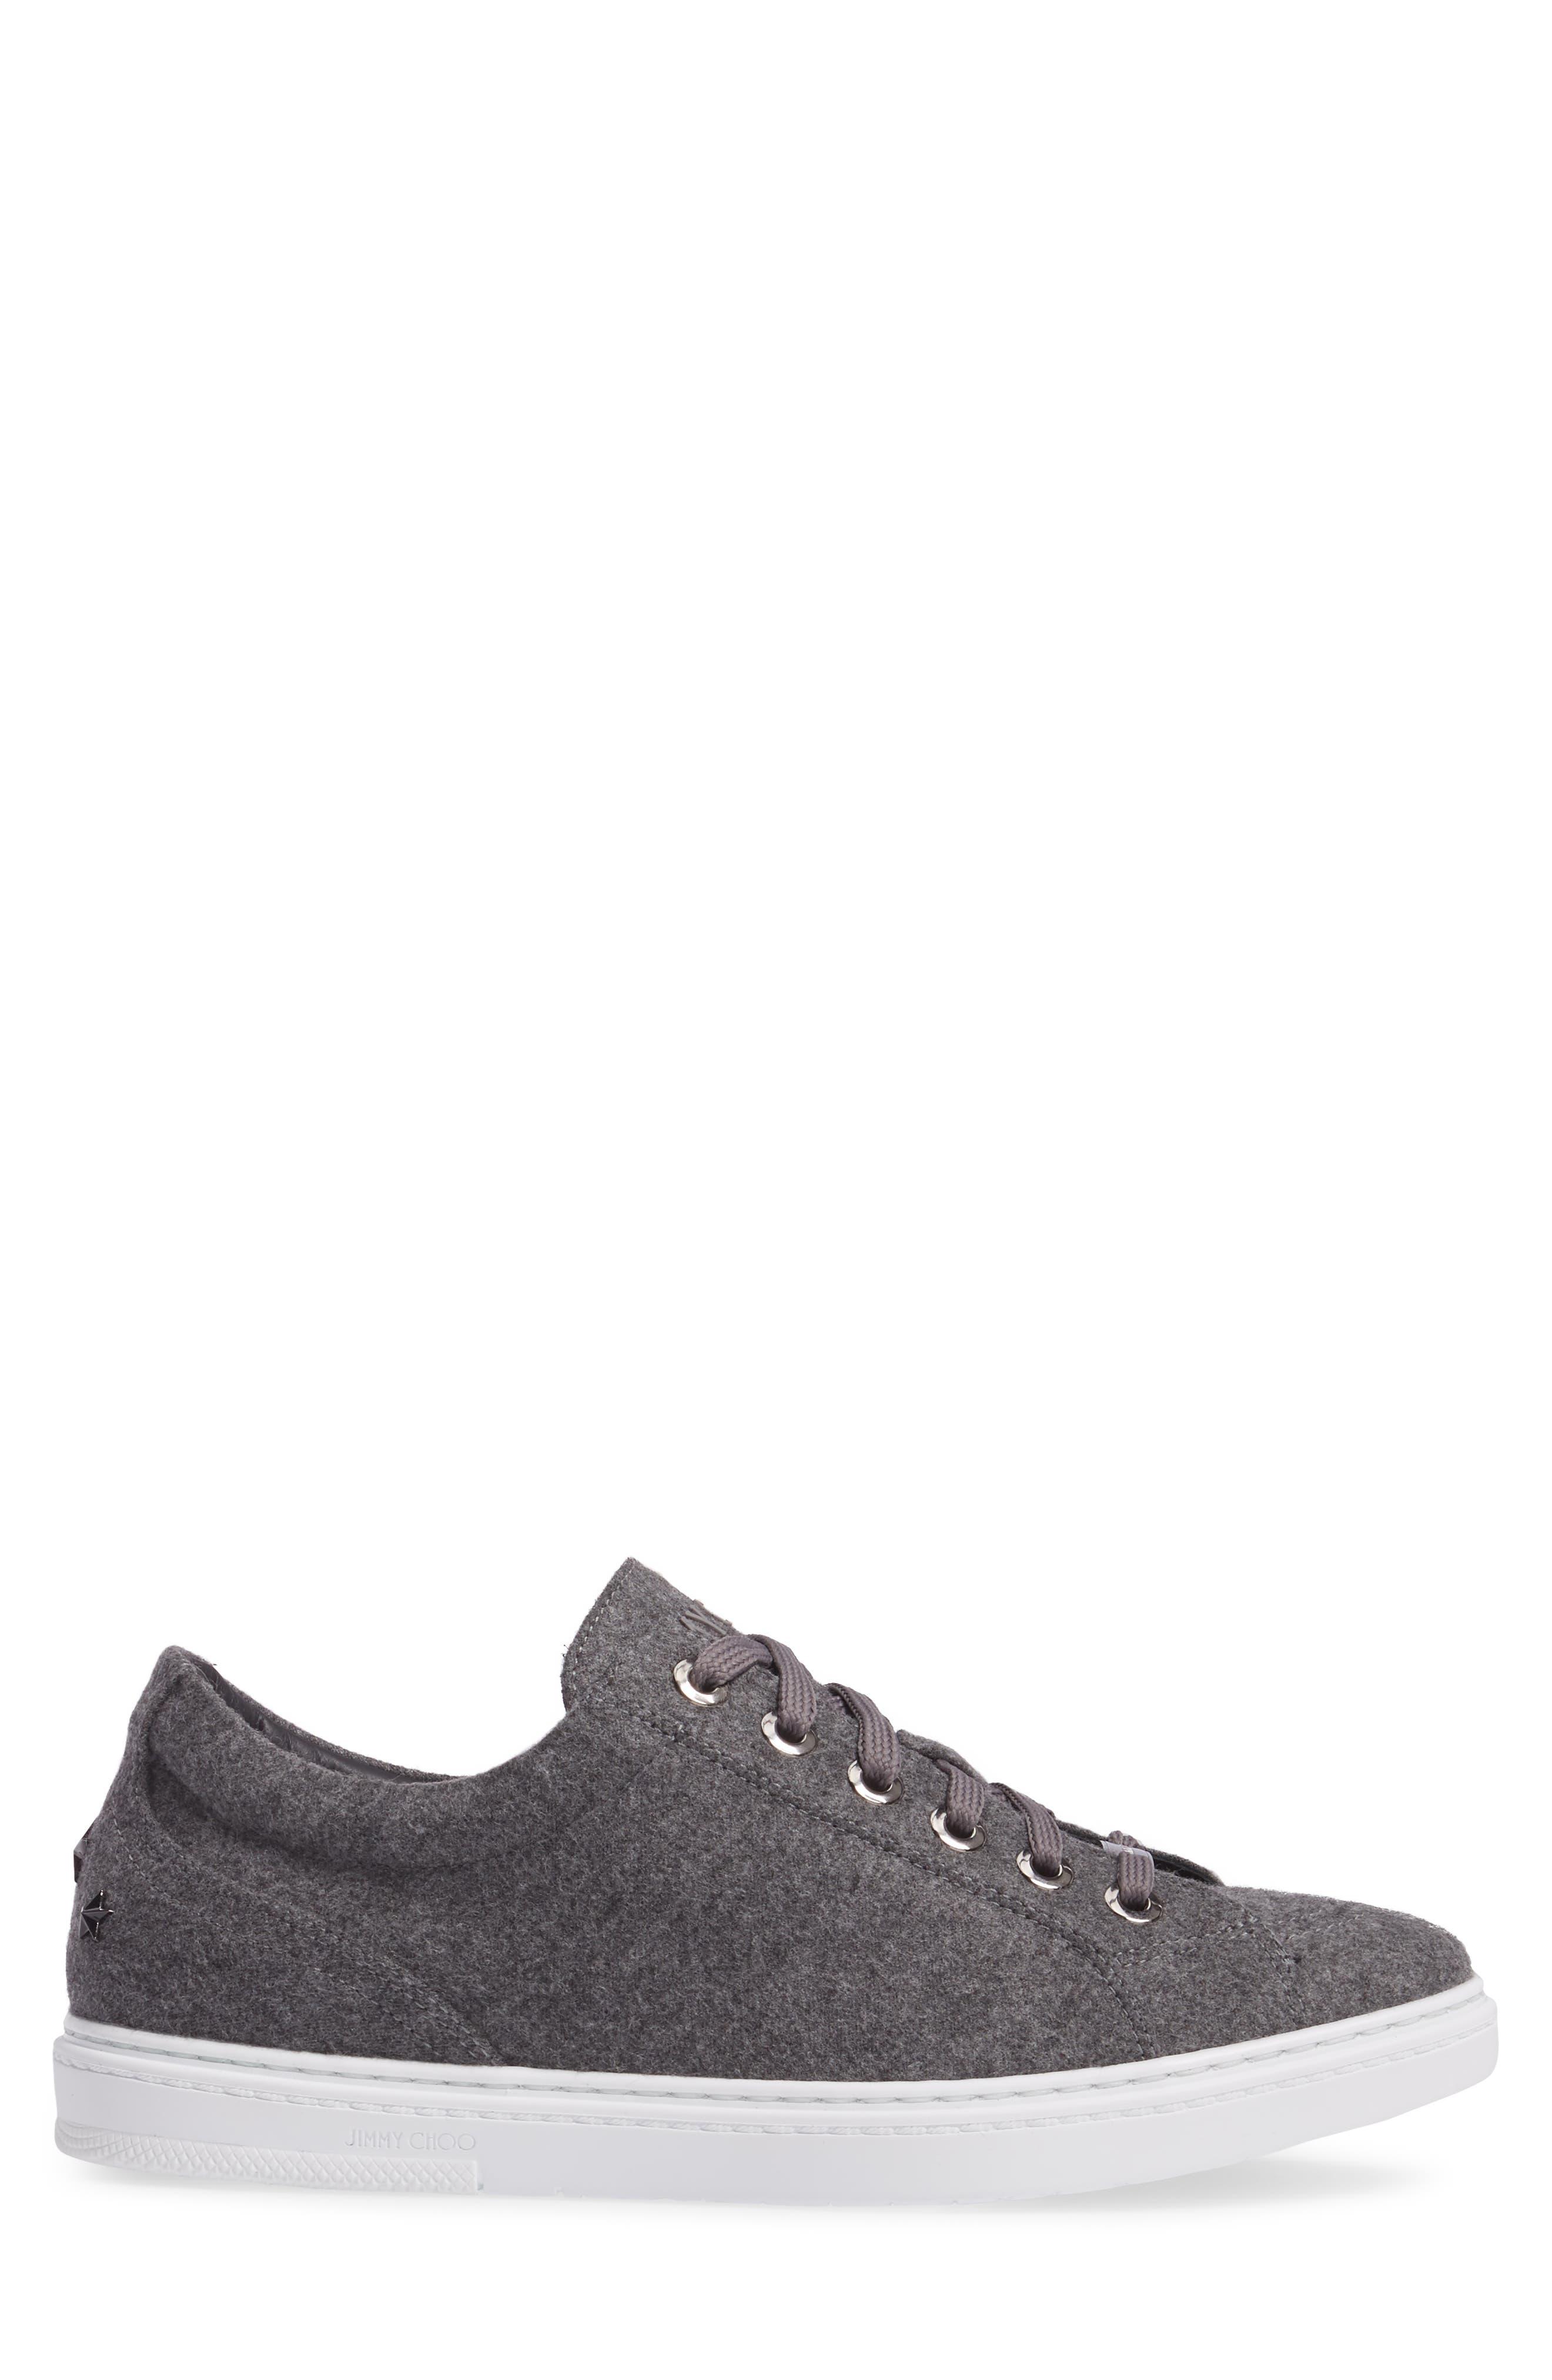 Low Top Sneaker,                             Alternate thumbnail 3, color,                             030